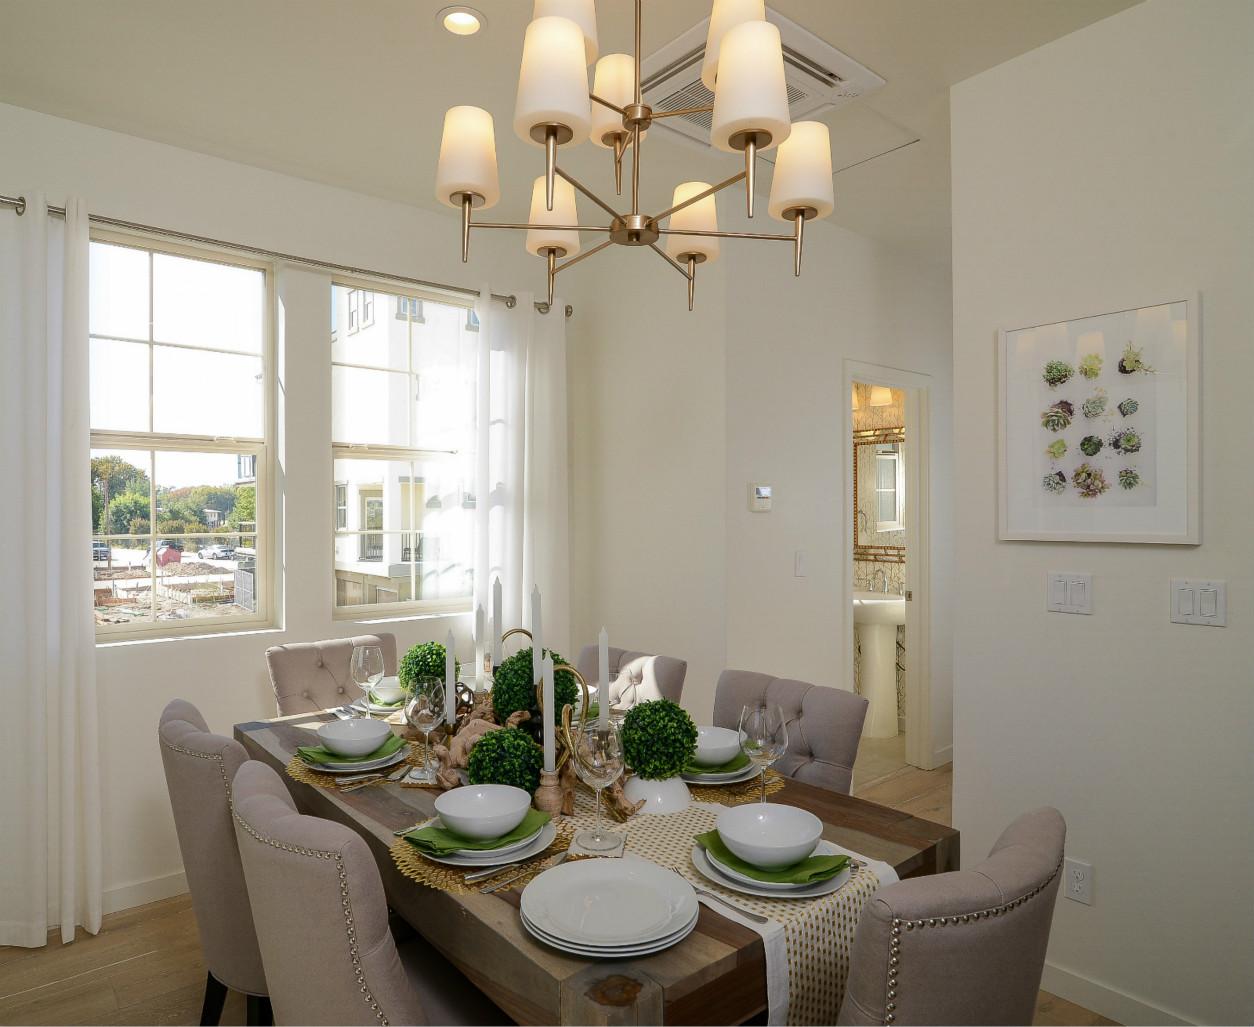 白色的窗帘、墙壁与浅色的皮质桌椅很搭配,带有金边的皮质椅子与陶瓷碗盘,彰显着一家的富贵。